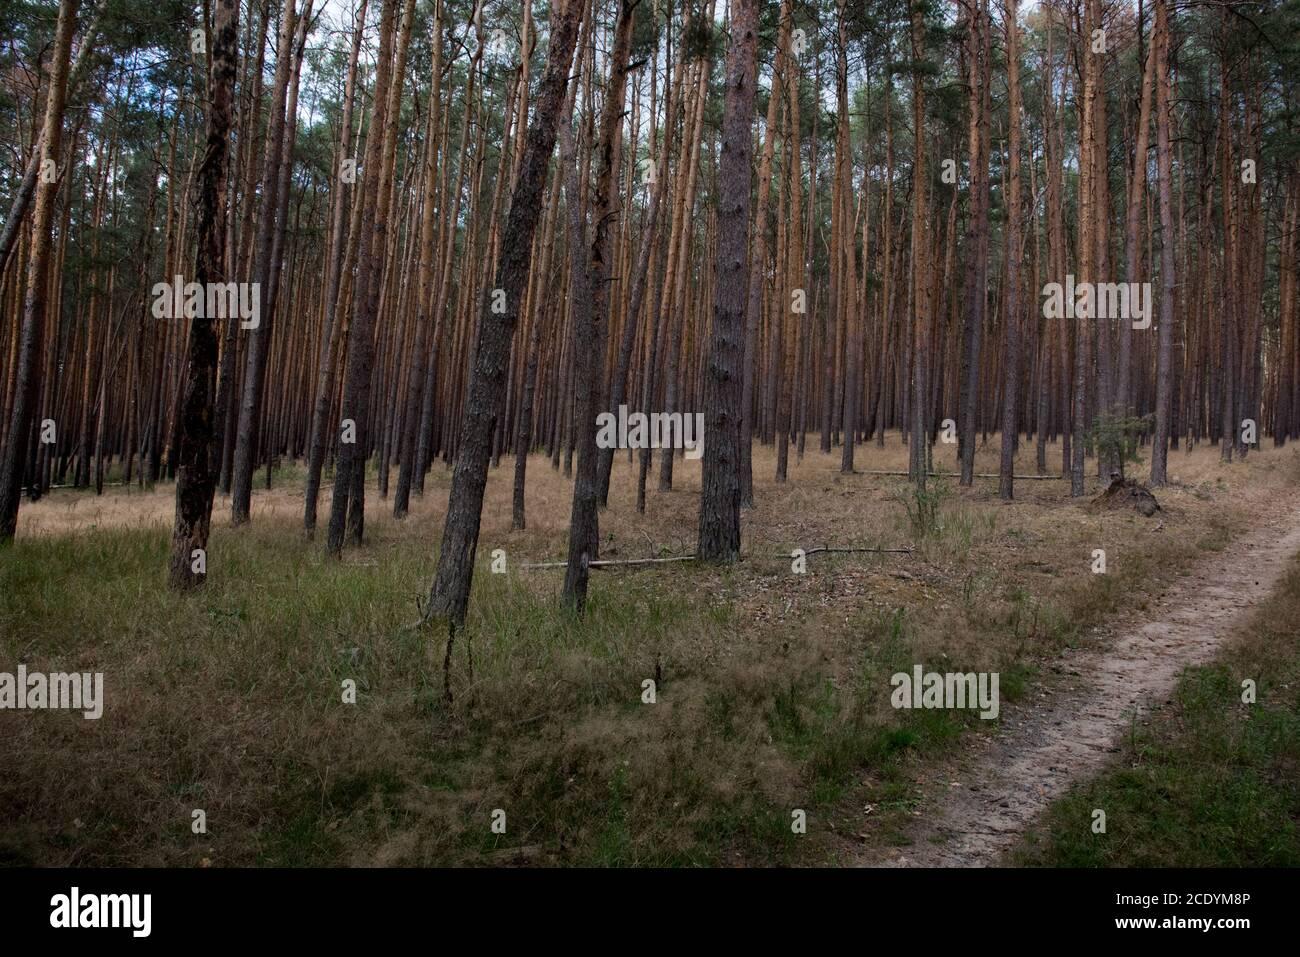 Deux ans après un énorme feu de forêt dans la forêt de Treuenbrietzen en août 2018, la forêt adjacente non brûlée semble prête à brûler. Banque D'Images